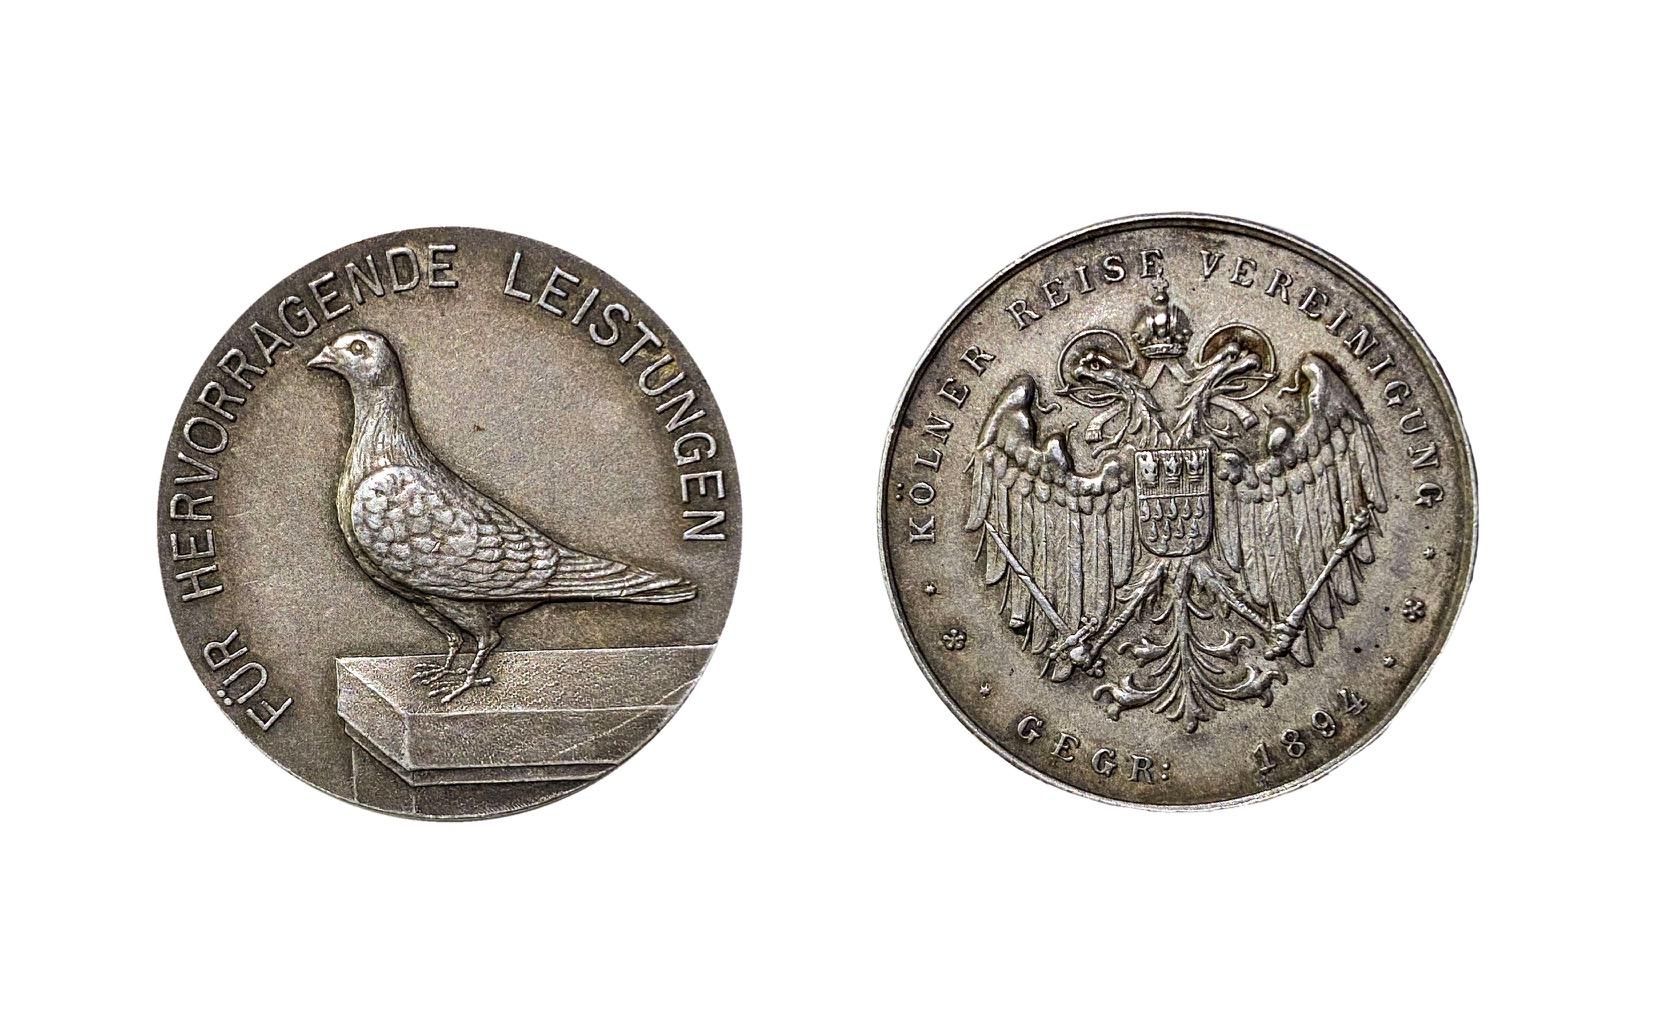 Medaille der Kölner Reisevereinigung von 1894 für hervorragende Leistungen